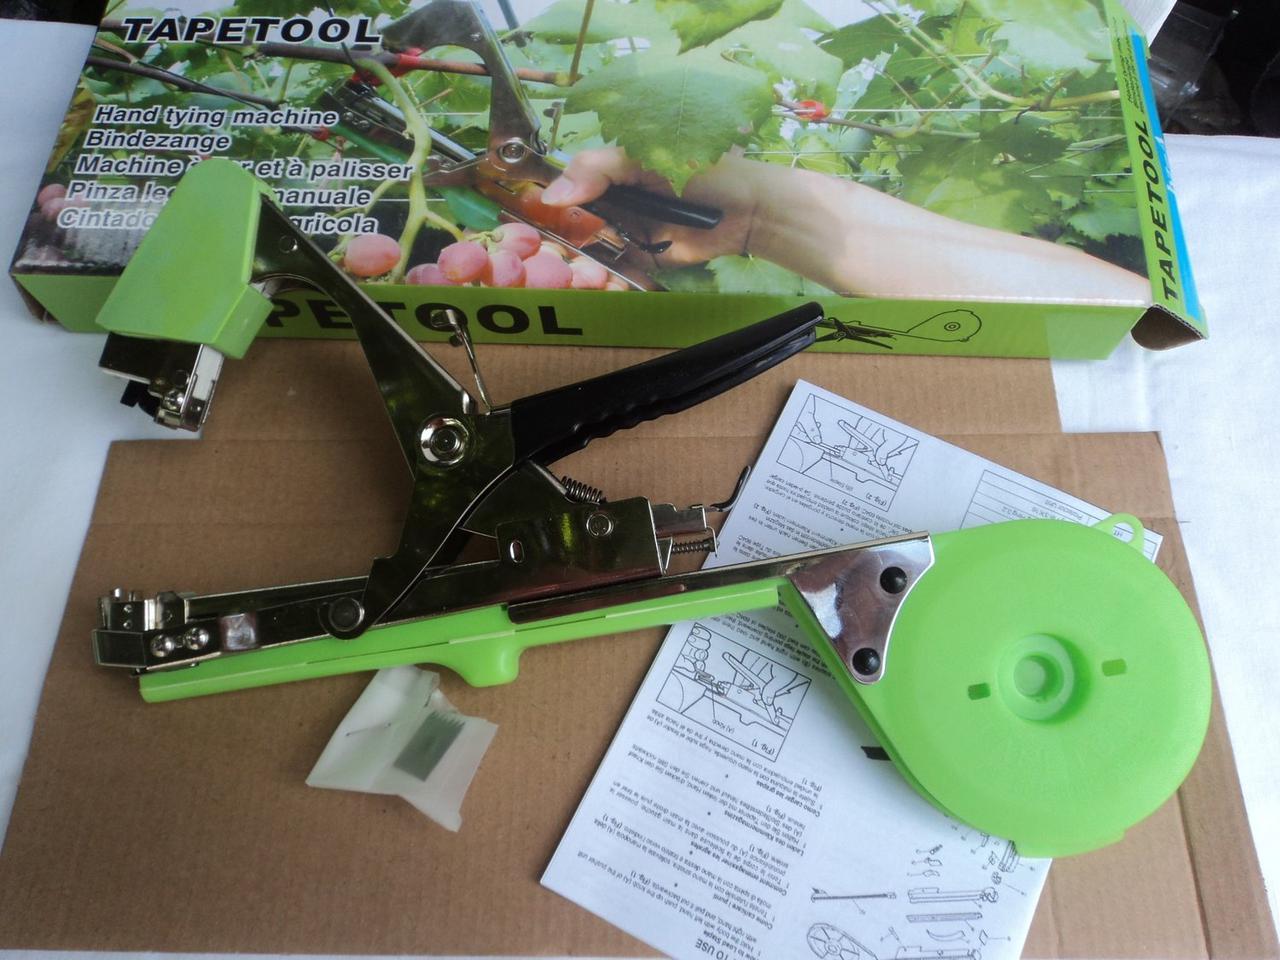 Степлер для подвязки (тапенер для подвязки) растений, винограда, Tapetool Bz-A